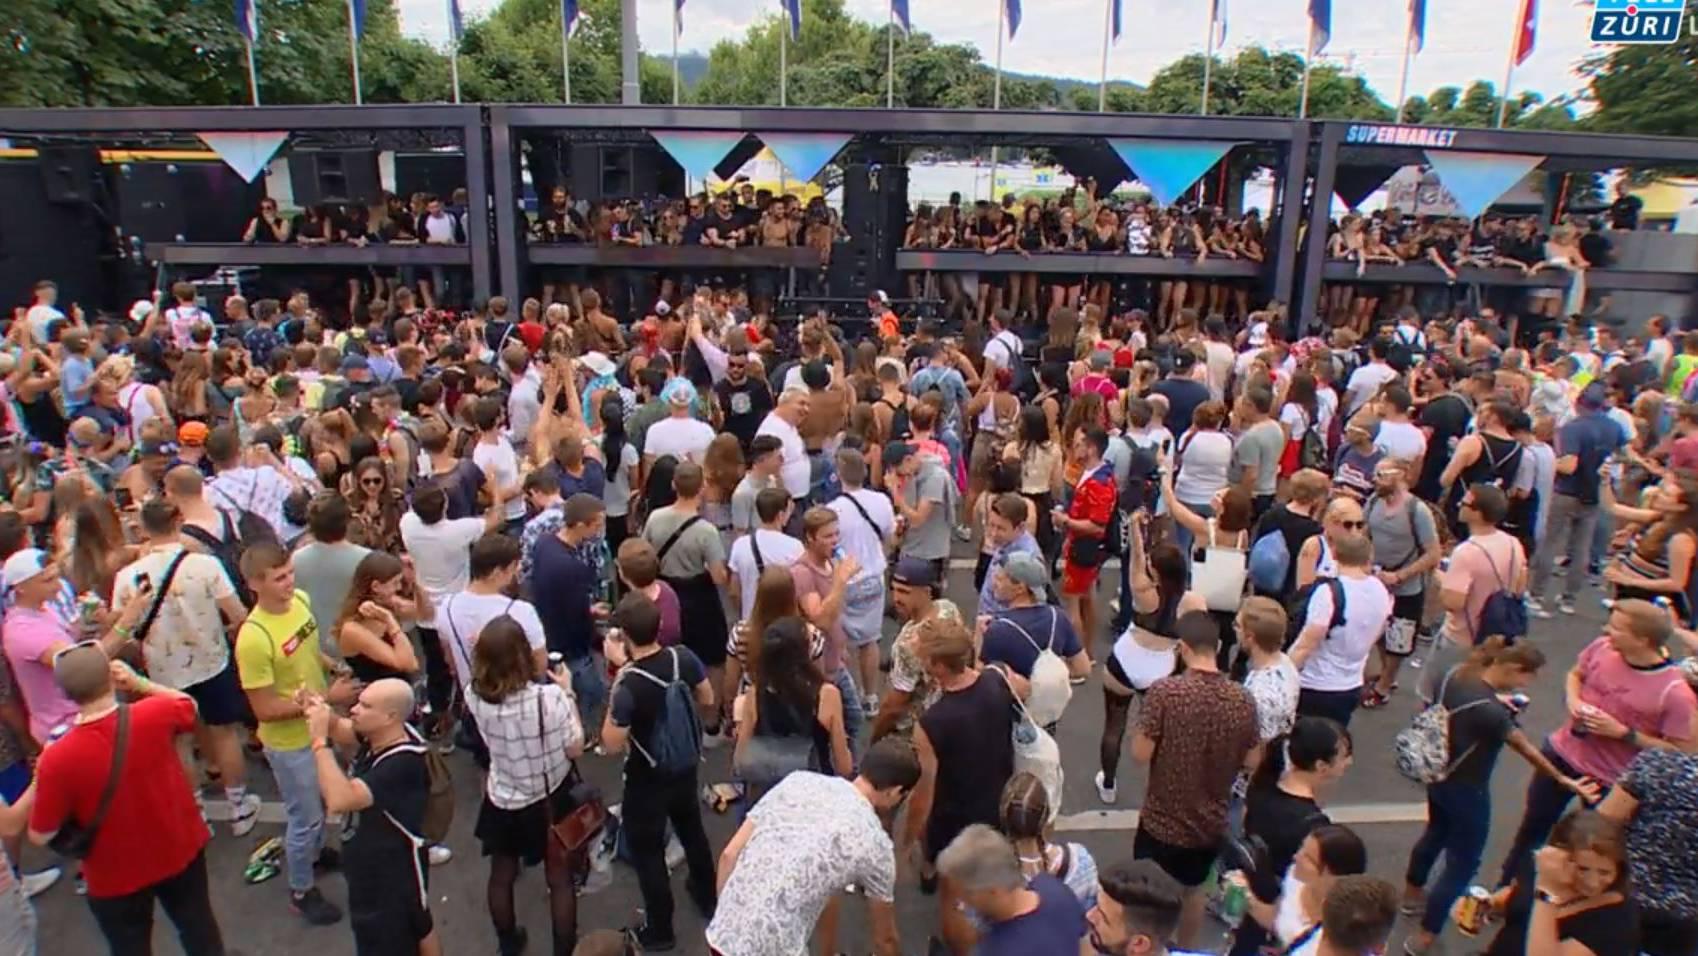 Zürich im Fieber der Street Parade